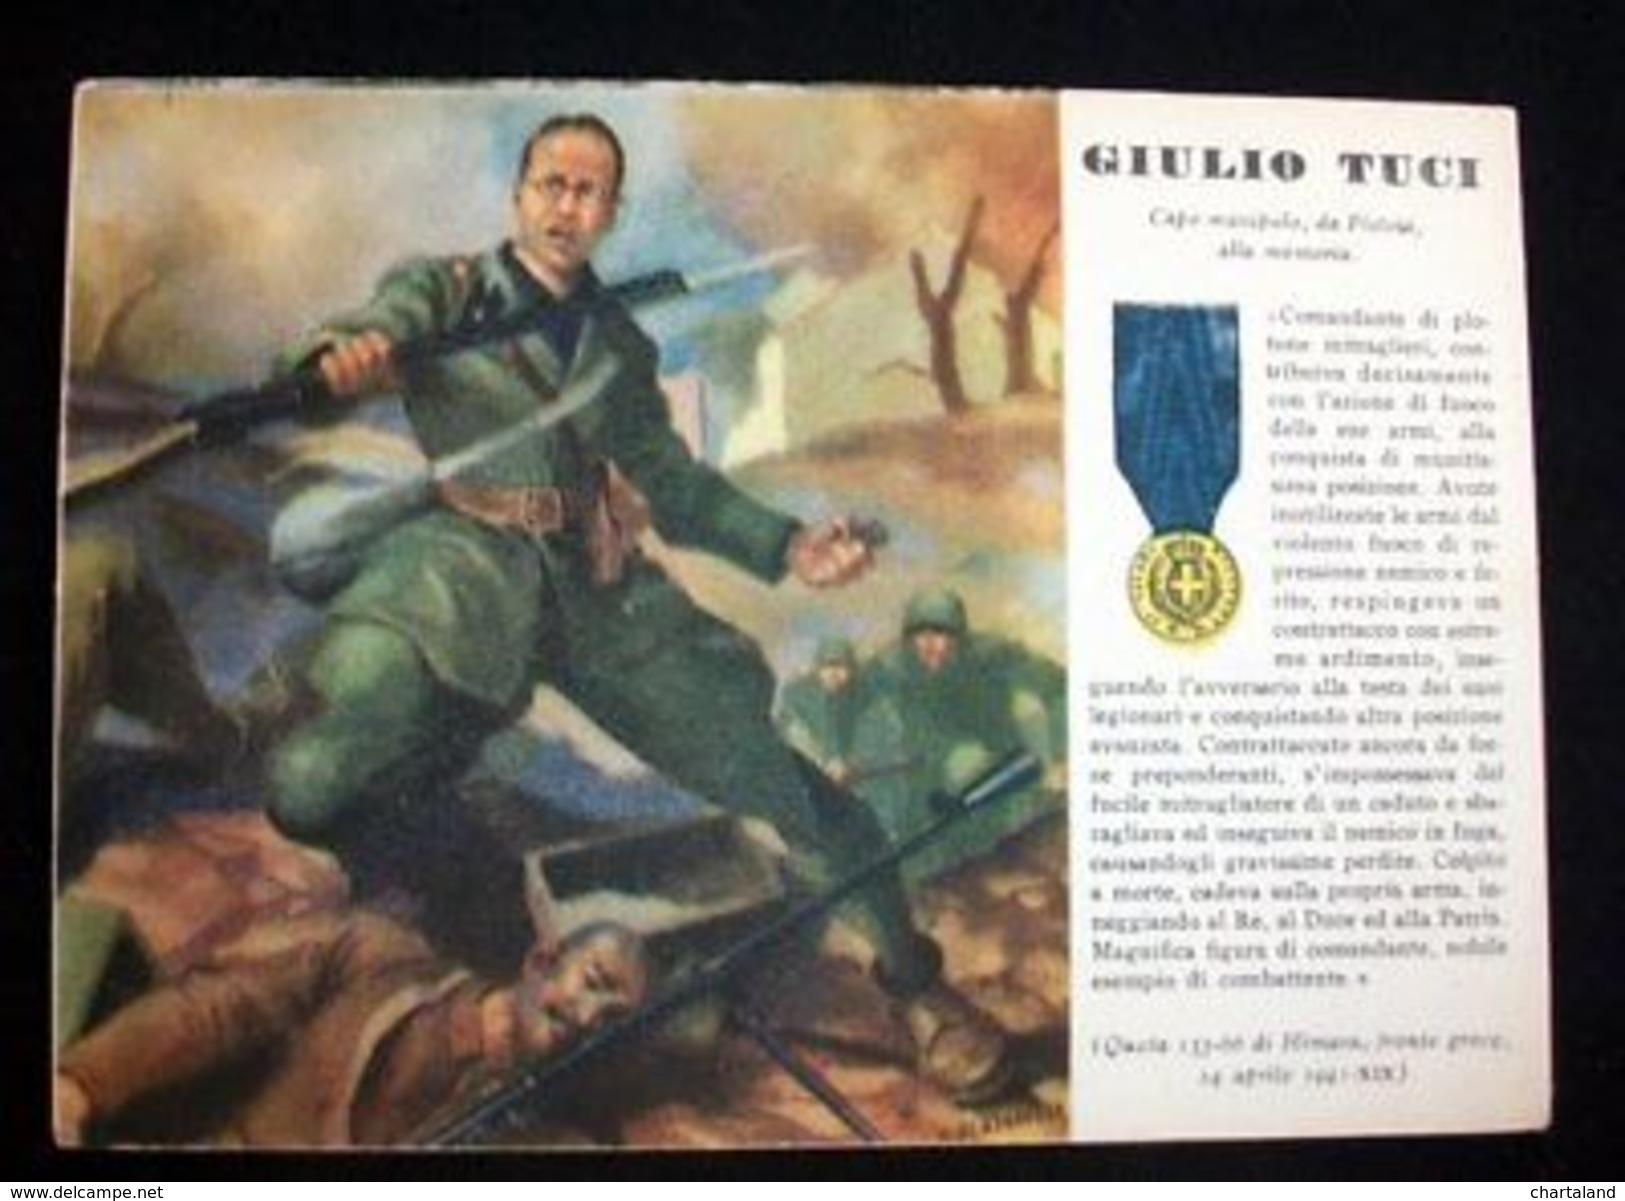 WWII Cartolina - Medaglie D' Oro Guerra 1941 - Tuci - Militari